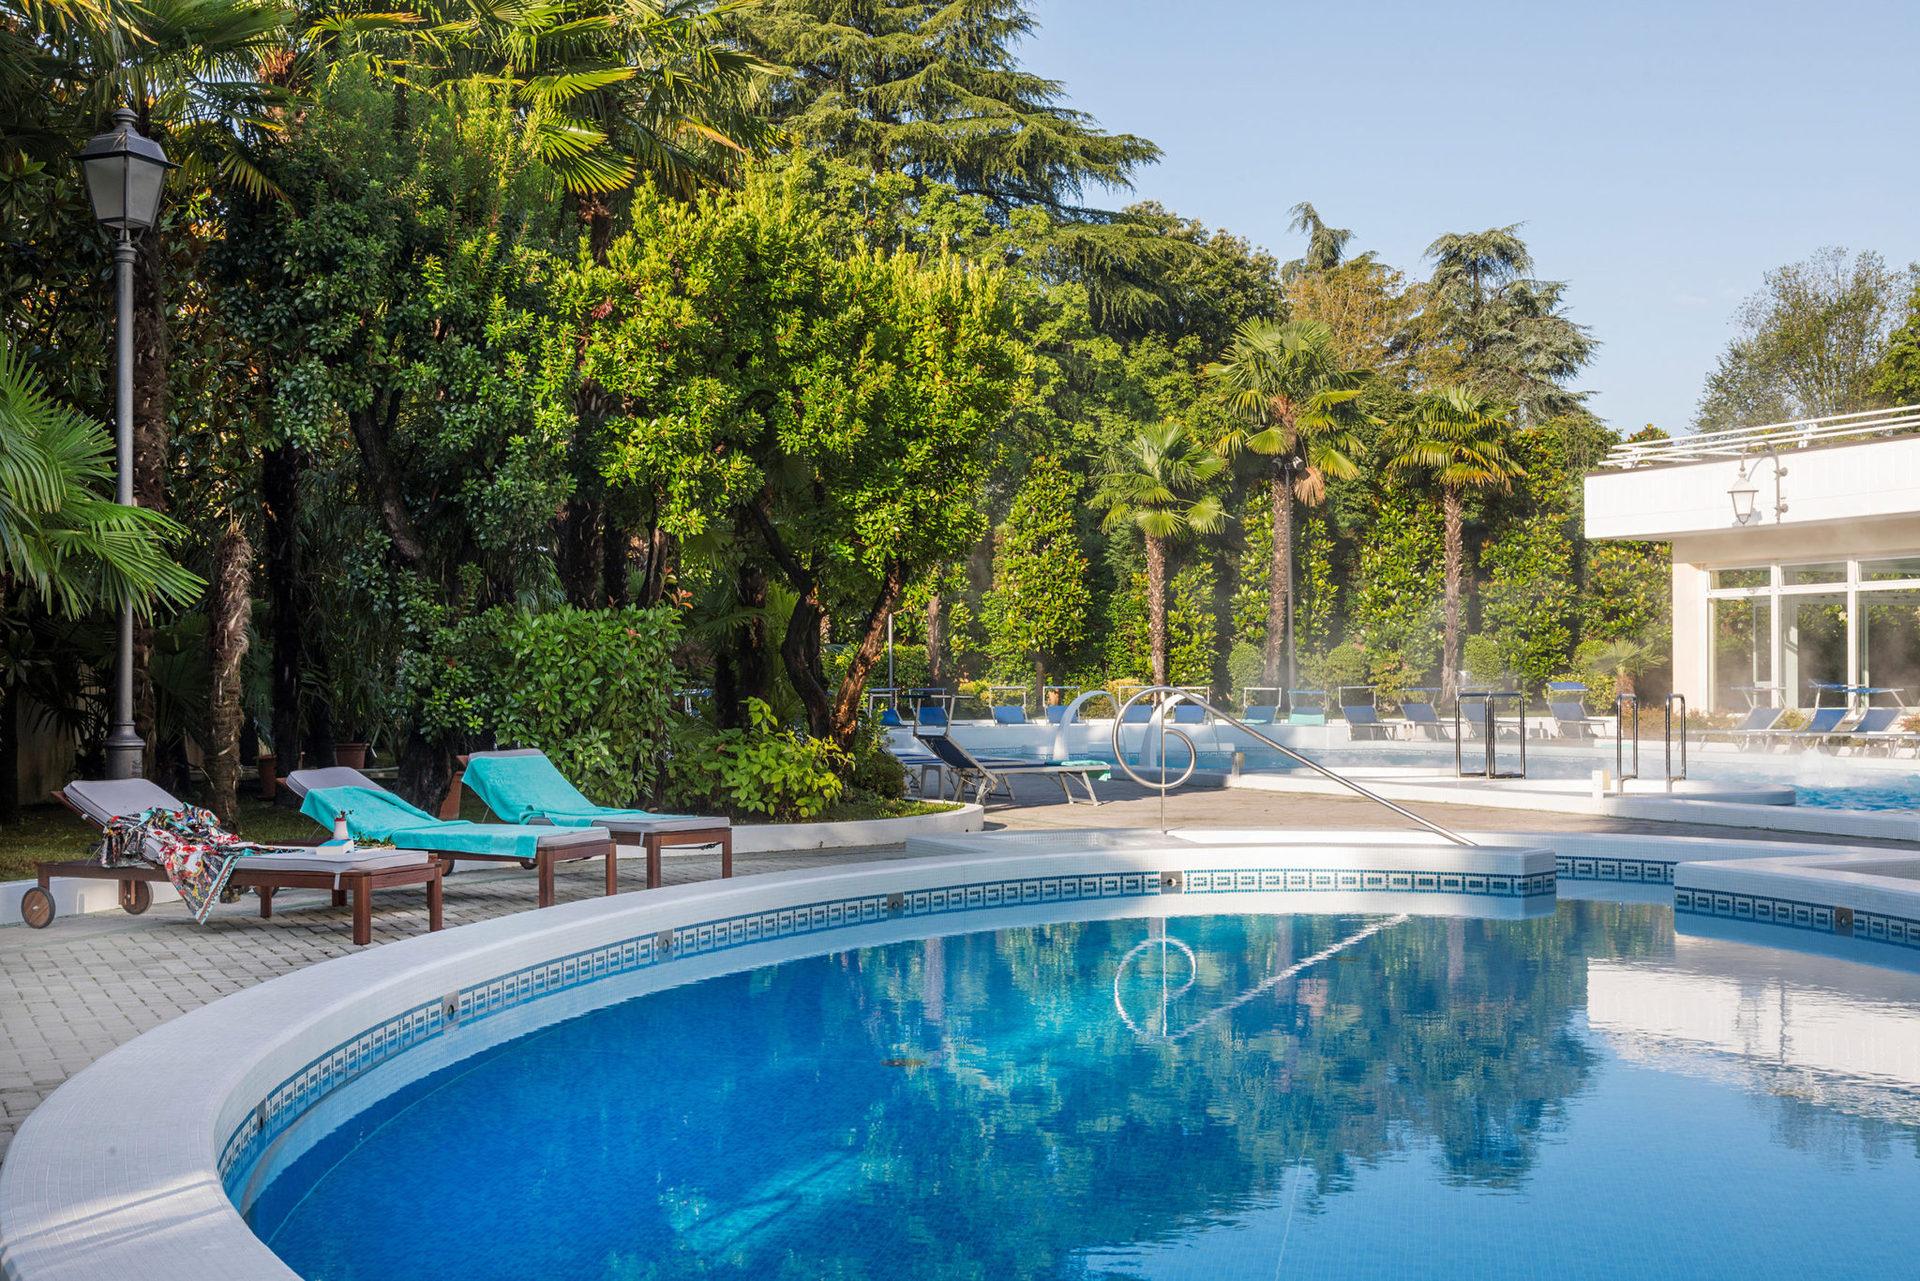 Отель имеет три термальных бассейна и утопает в живописном парке, где можно выпить чашечку кофе рано утром или уединиться под кронами пальм во время полуденной сиесты.